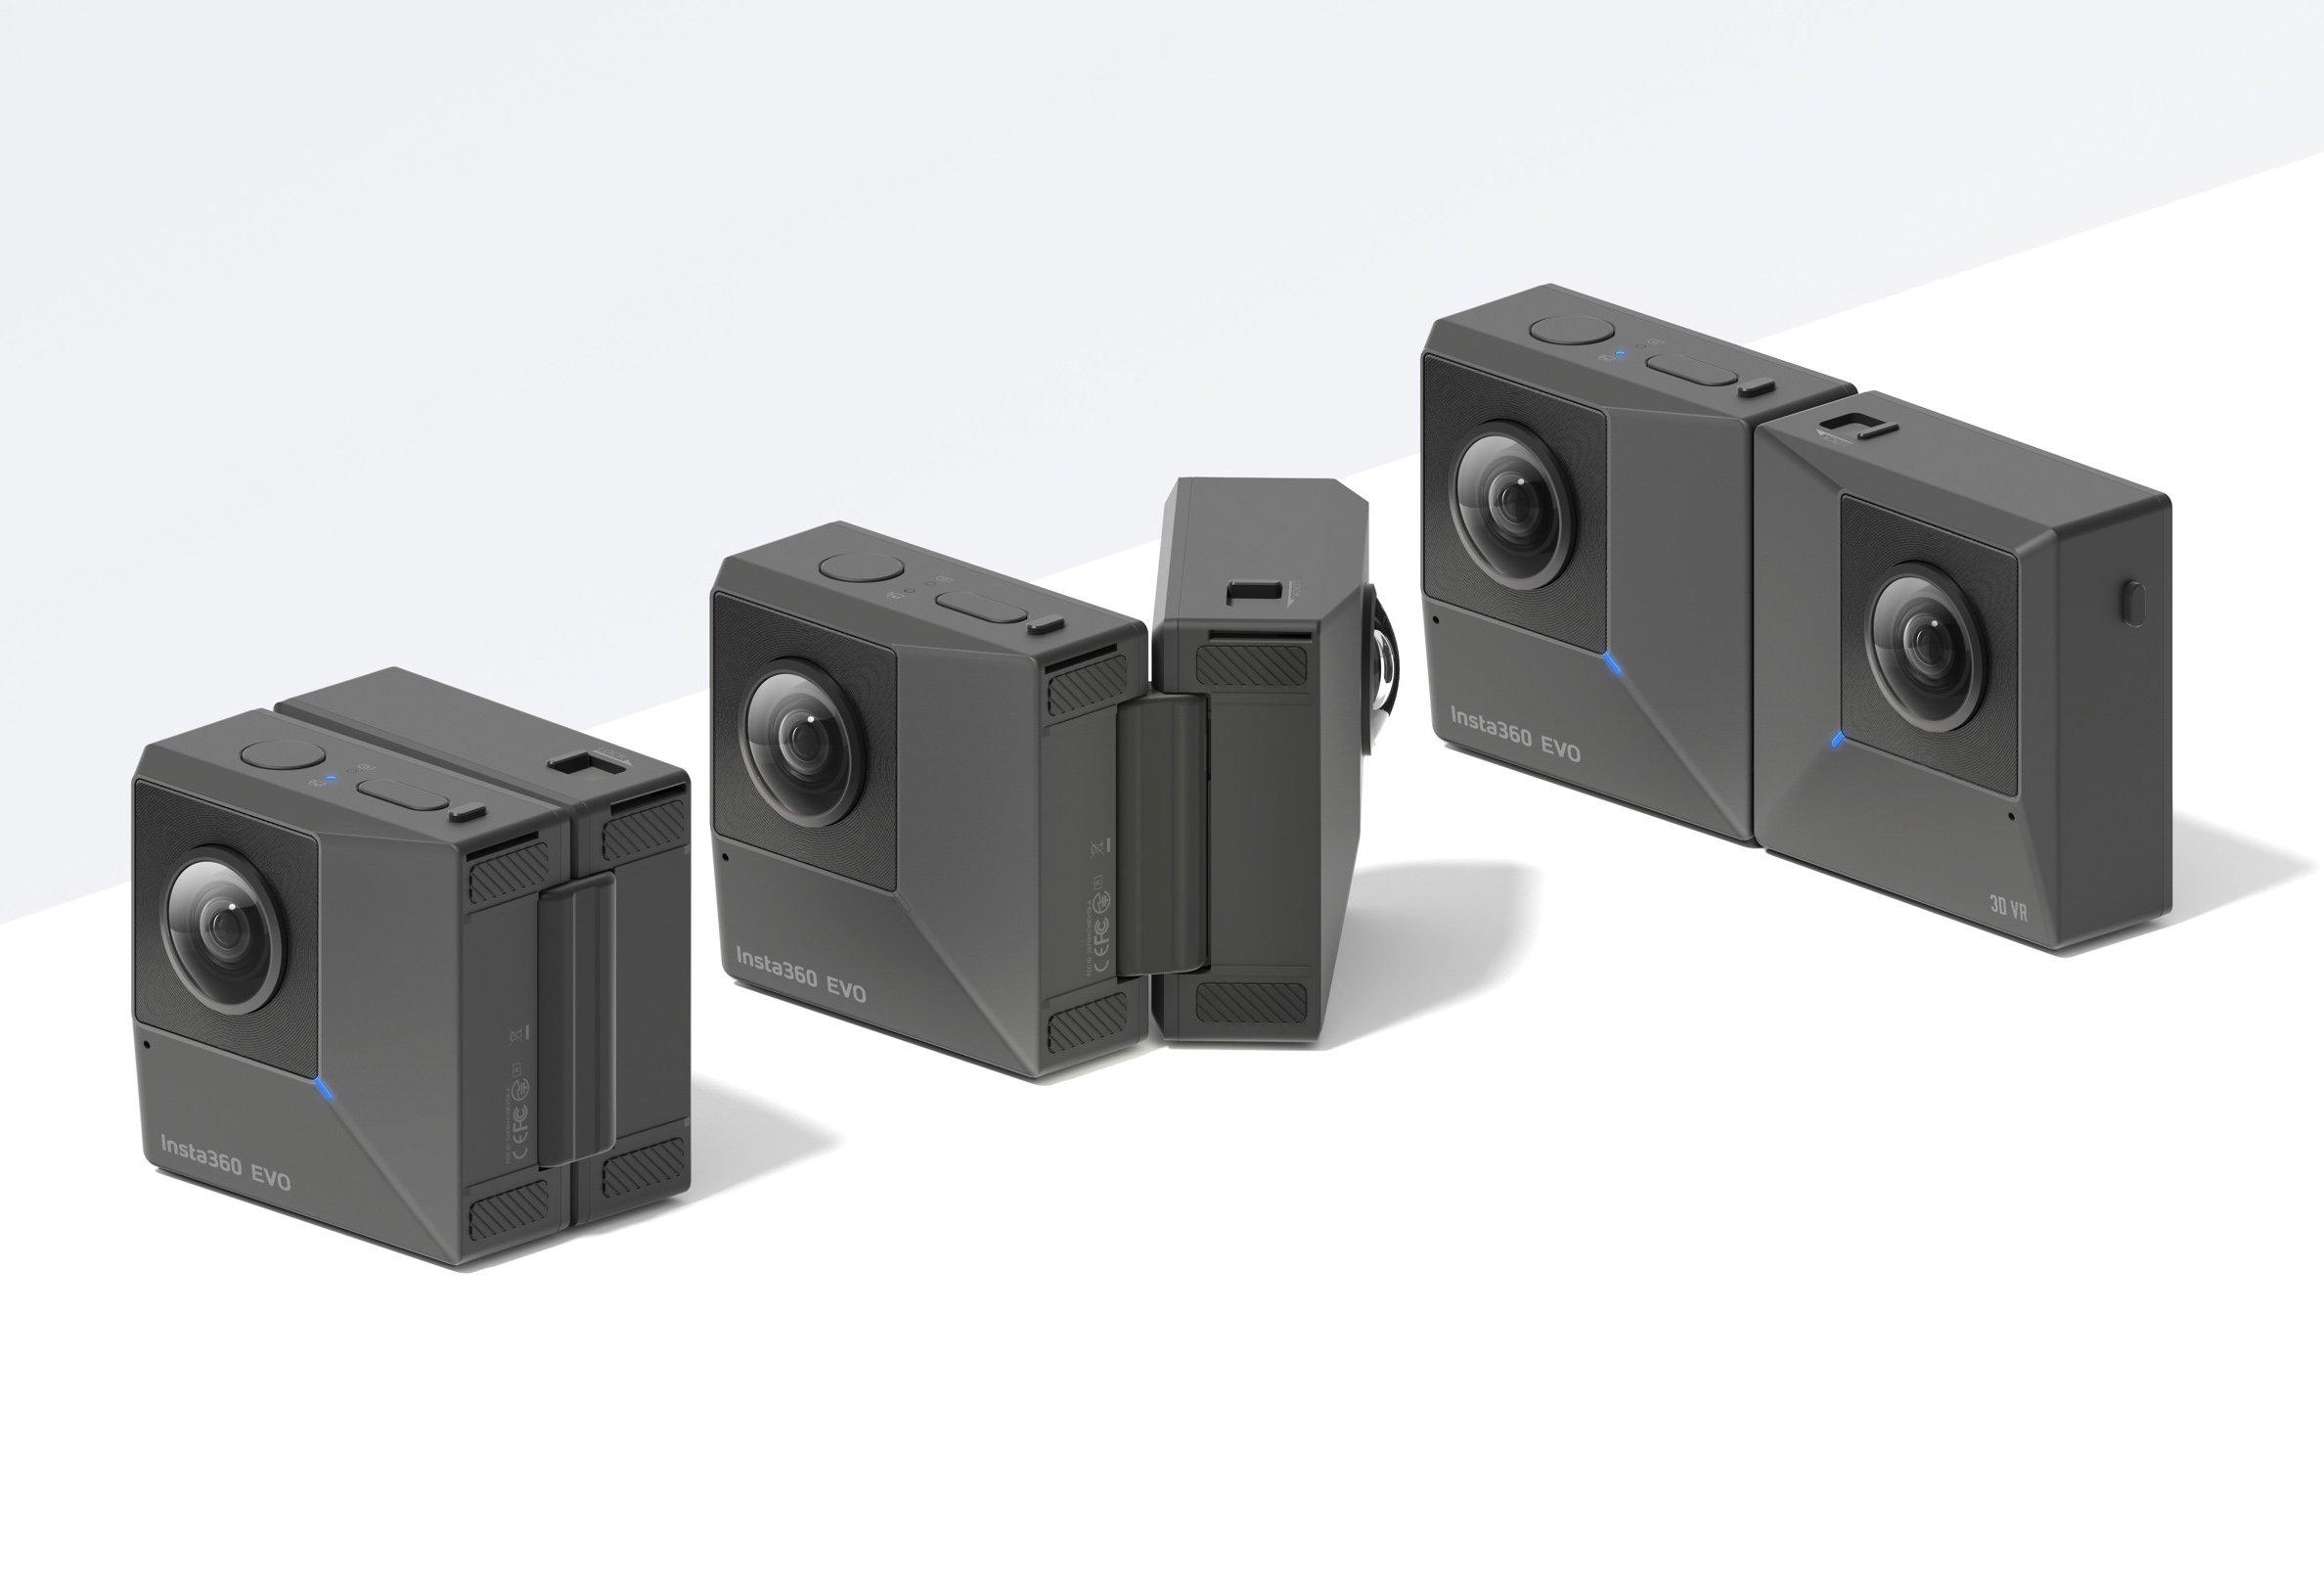 insta-360-evo-kamera-lipat-yang-bisa-hasilkan-gambar-3d-dan-360-di-resolusi-57k